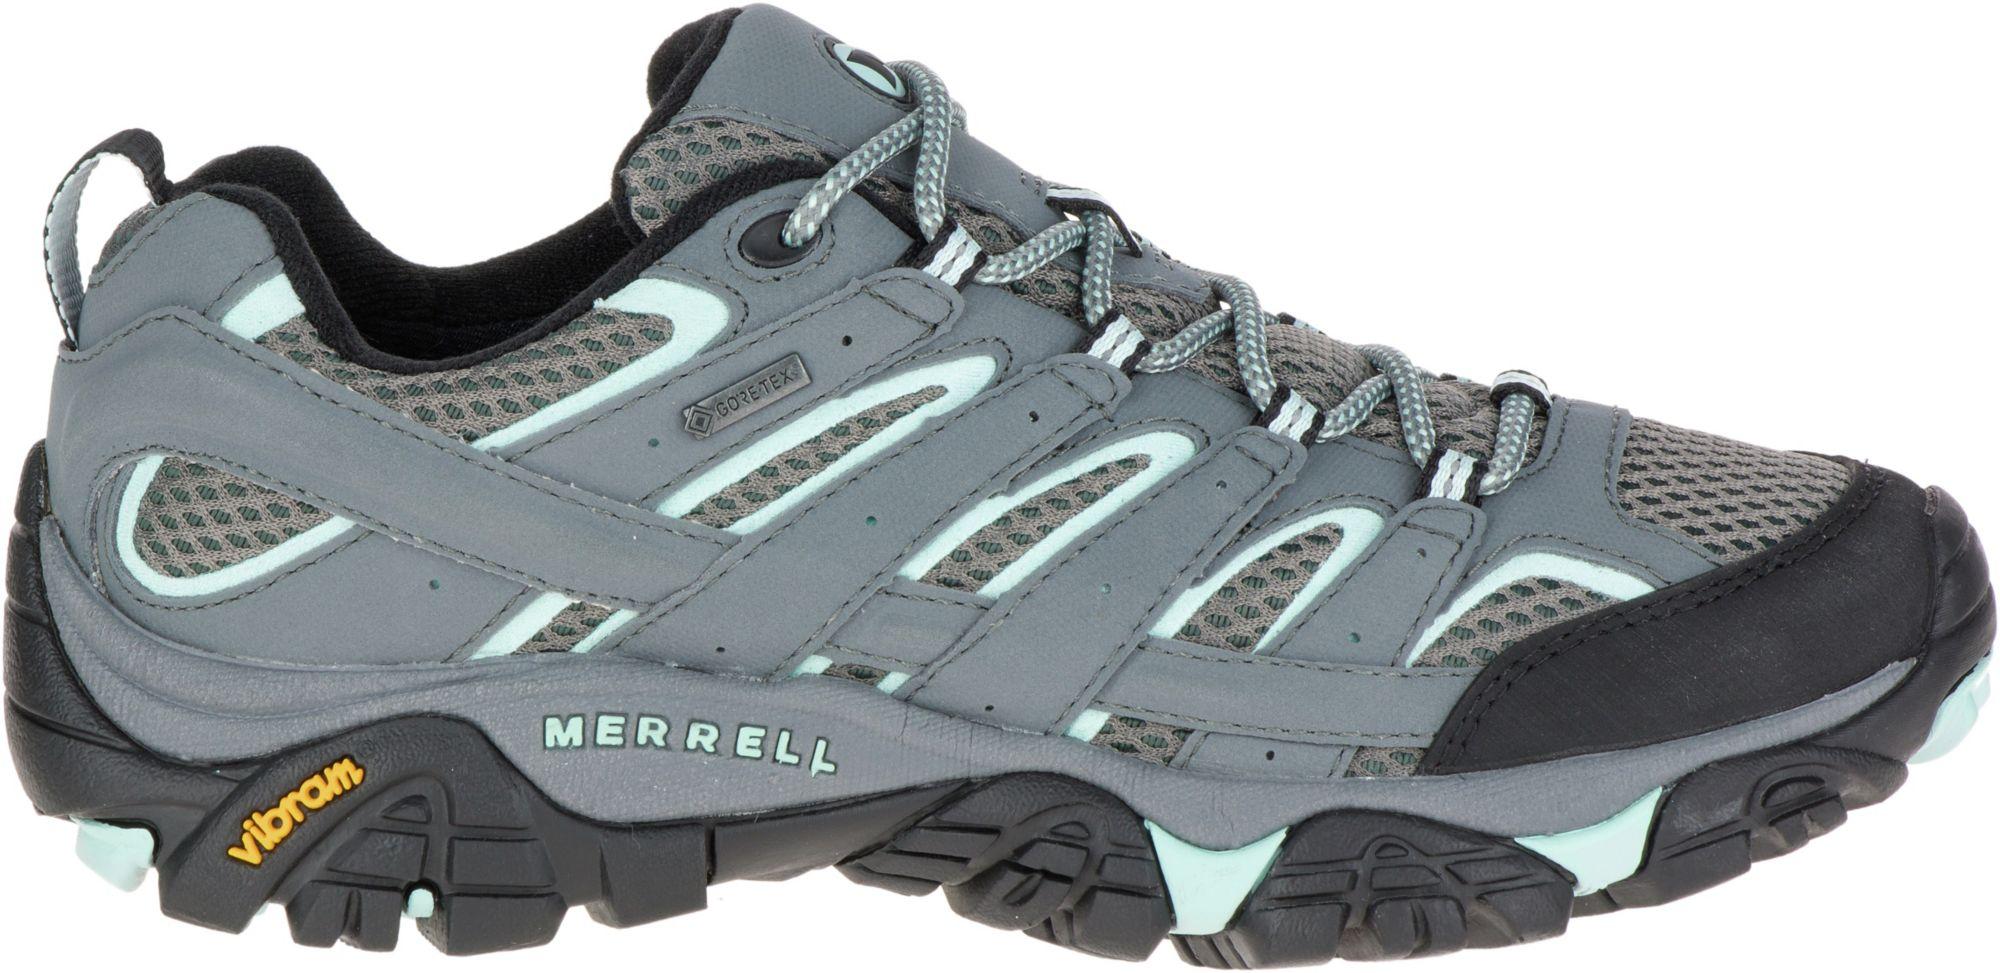 merrell shoes shop melbourne reviews